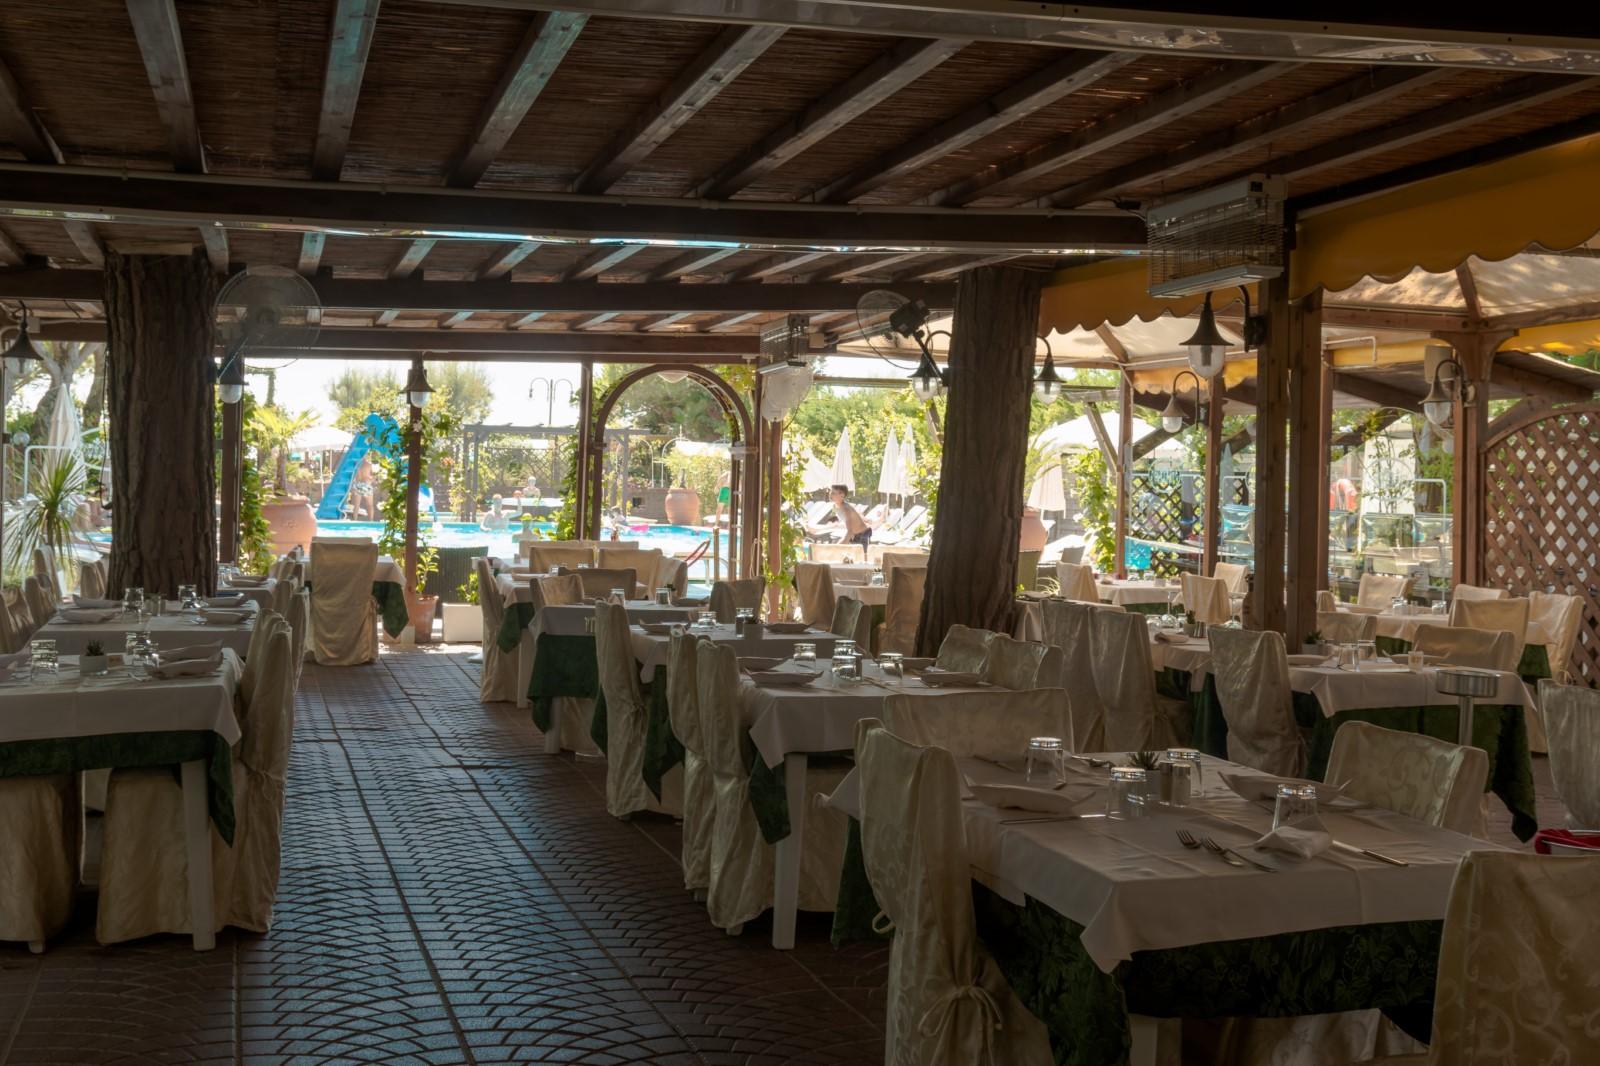 viña jesolo ristorante esterno 4